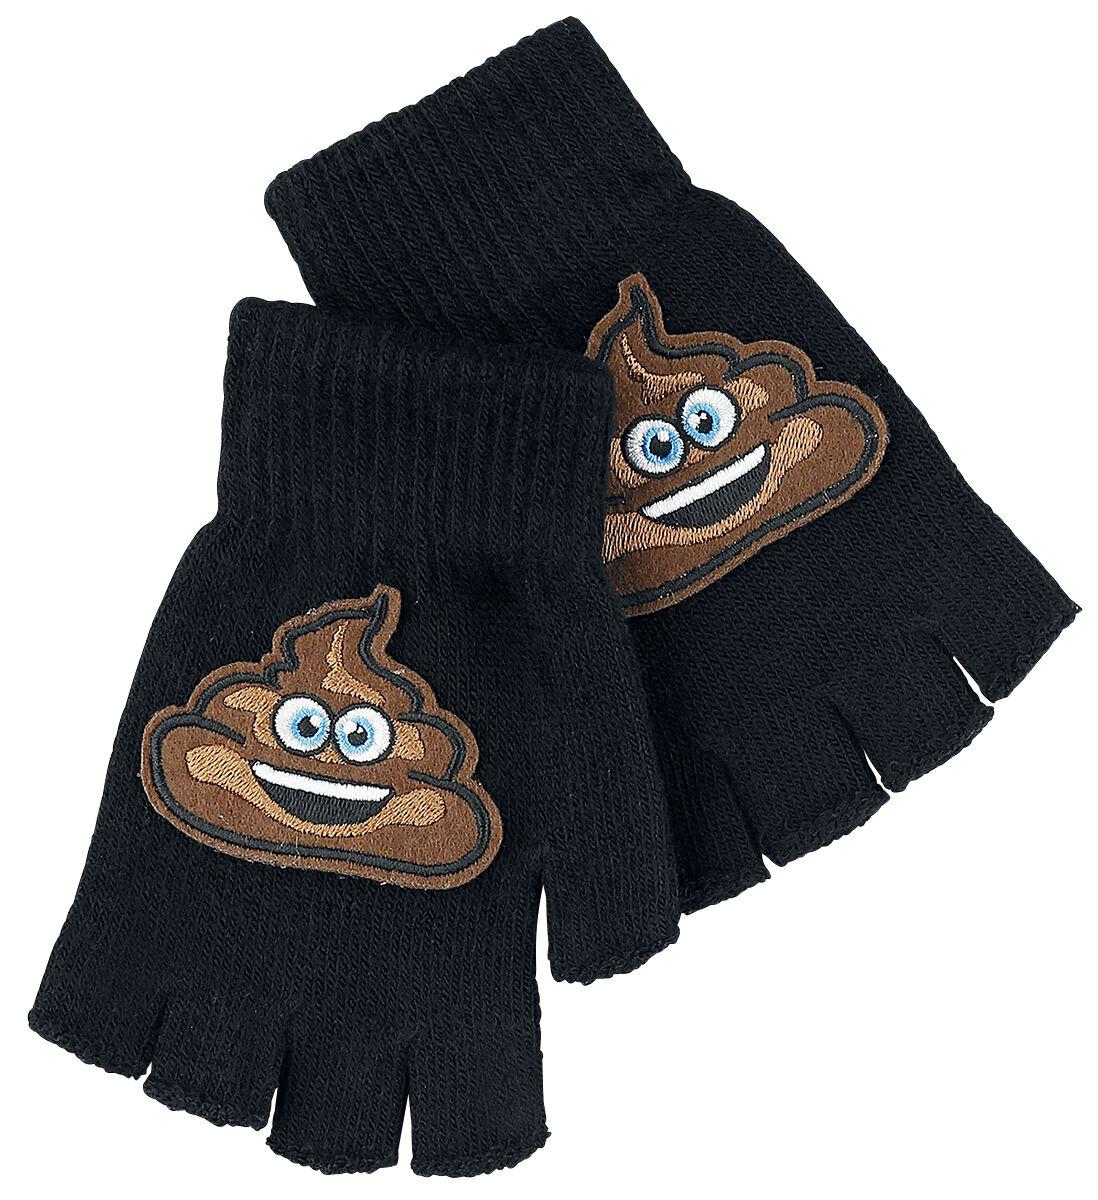 Fun & Trends - Szaliki i Rękawiczki - Rękawiczki bez palców Emoji Pooh Rękawiczki bez palców czarny - 356911